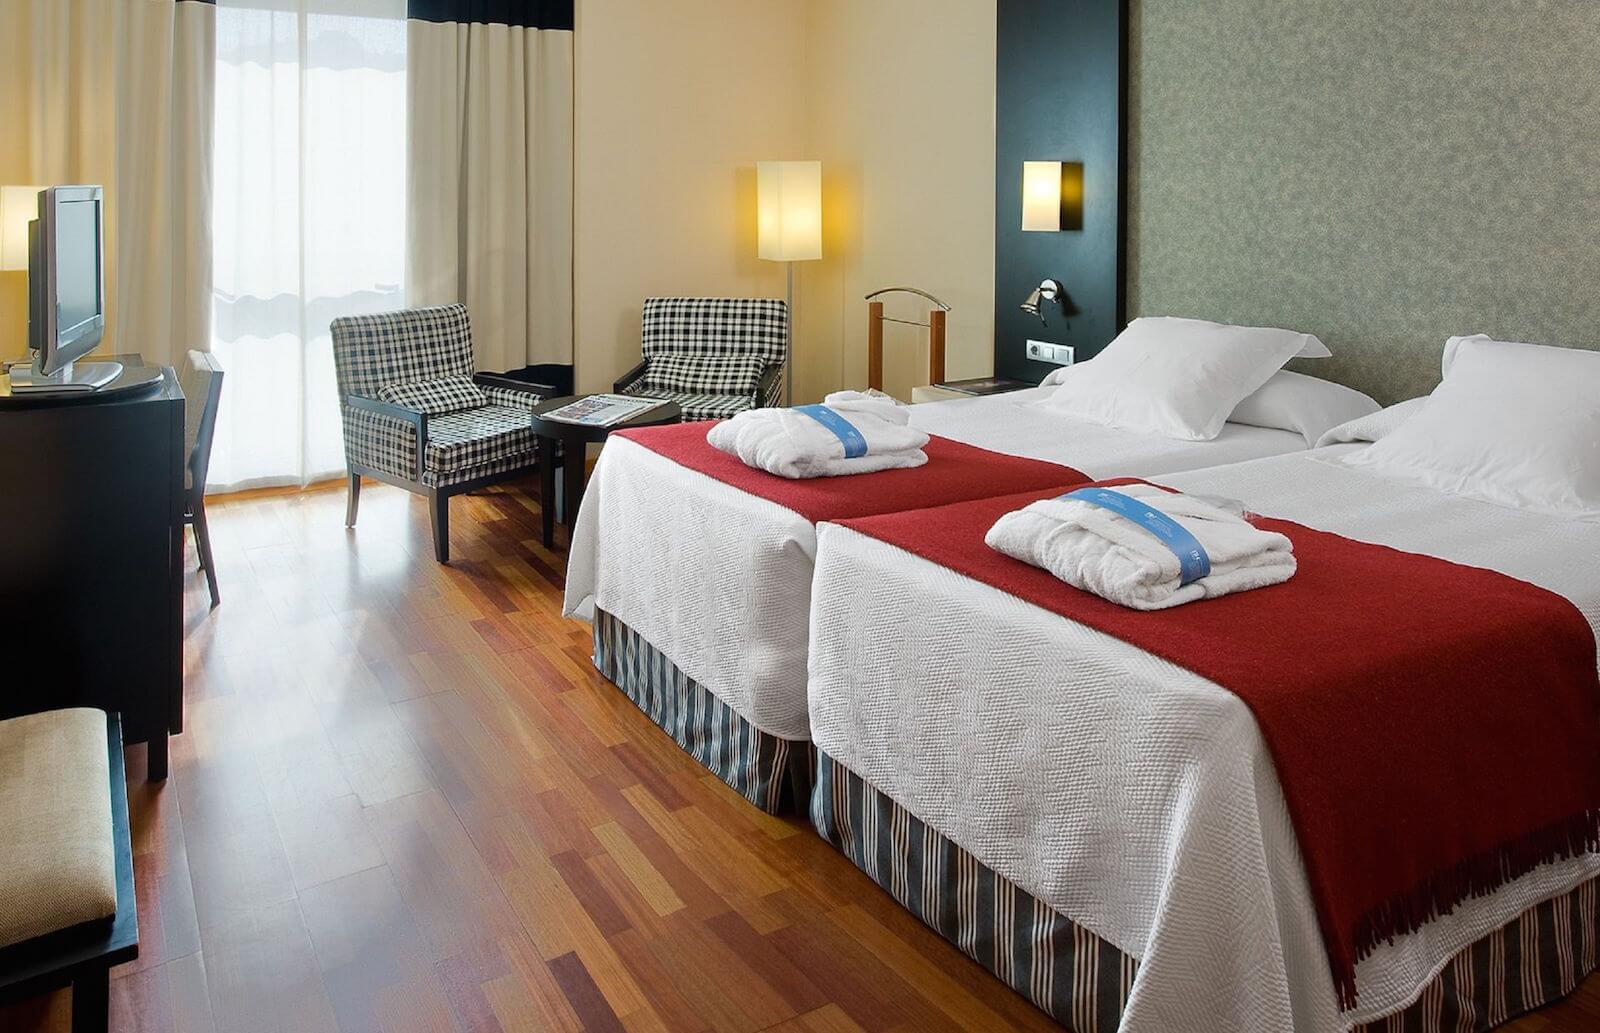 Habitacion Standard Hotel Amistad Murcia cadena NH